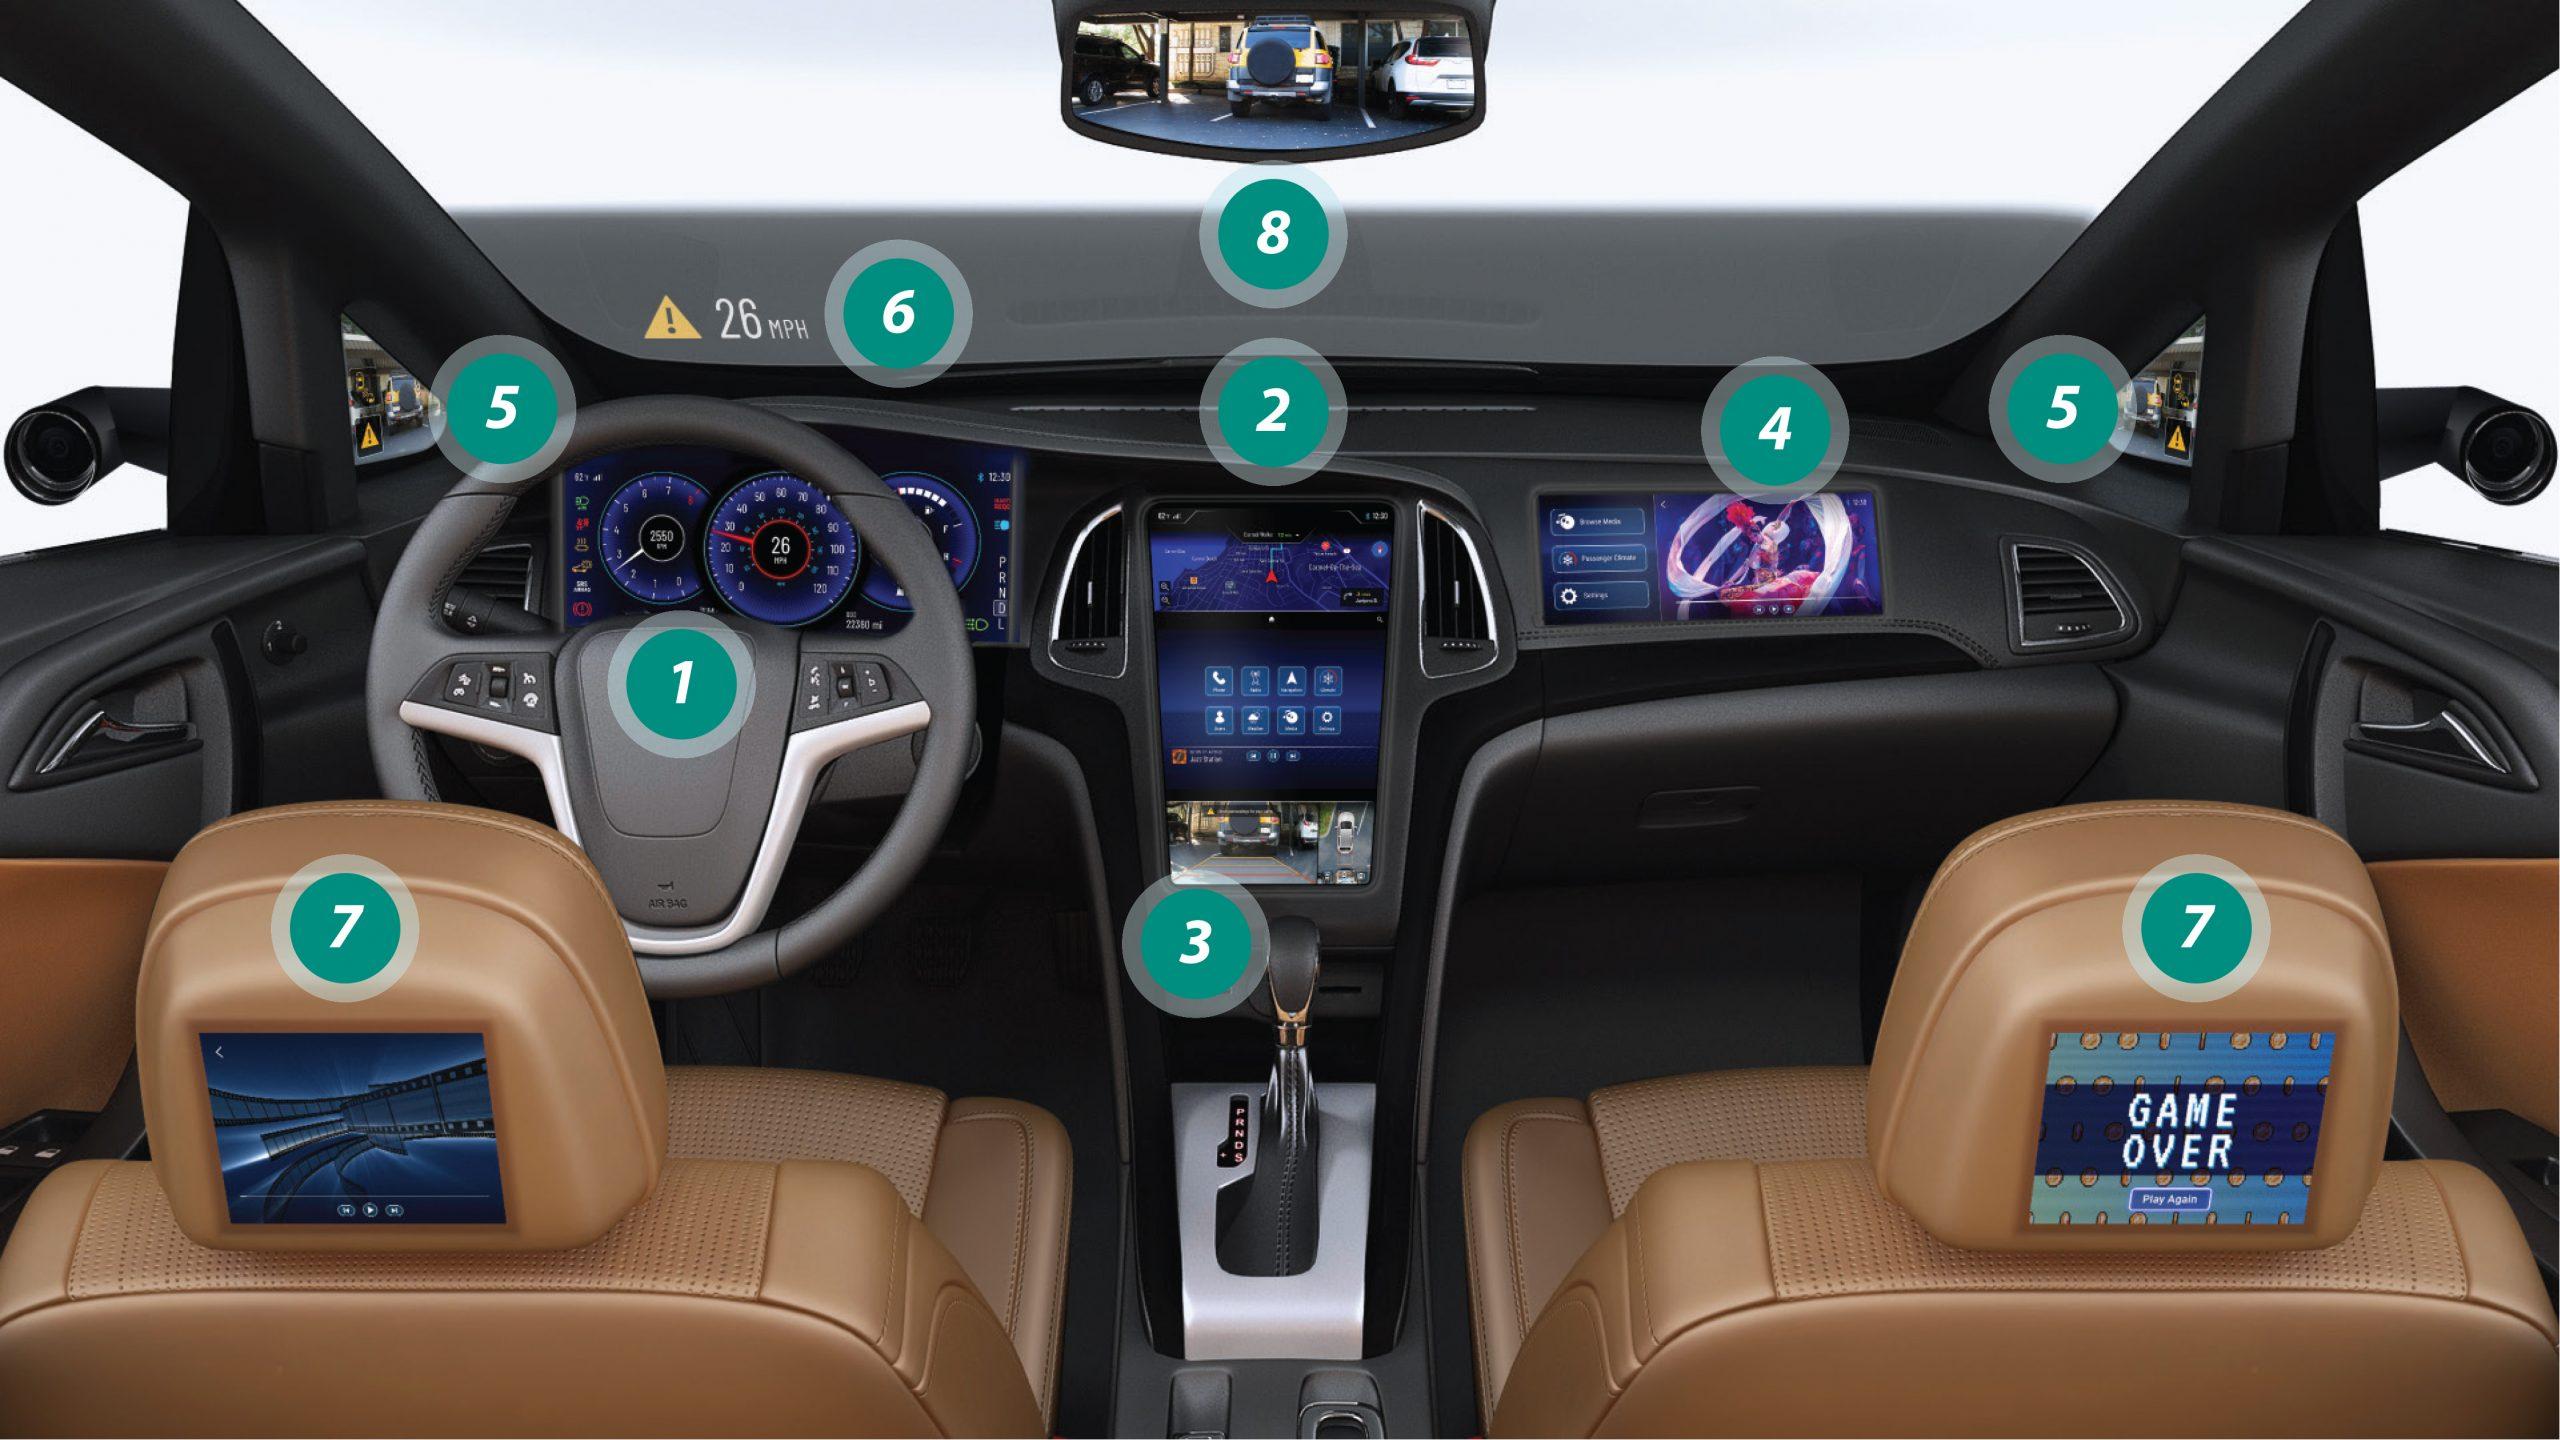 Steigende Zahl von In-Car Displays